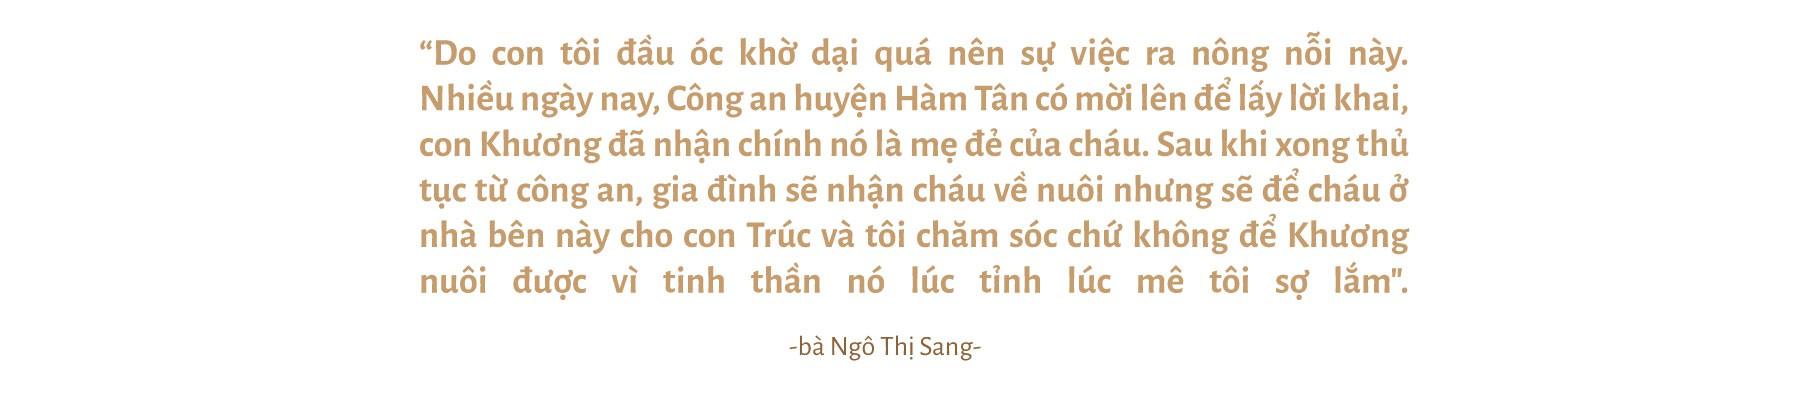 (eMagazine) - Cuộc đời khốn khổ của người mẹ chôn sống con ở Bình Thuận - Ảnh 1.